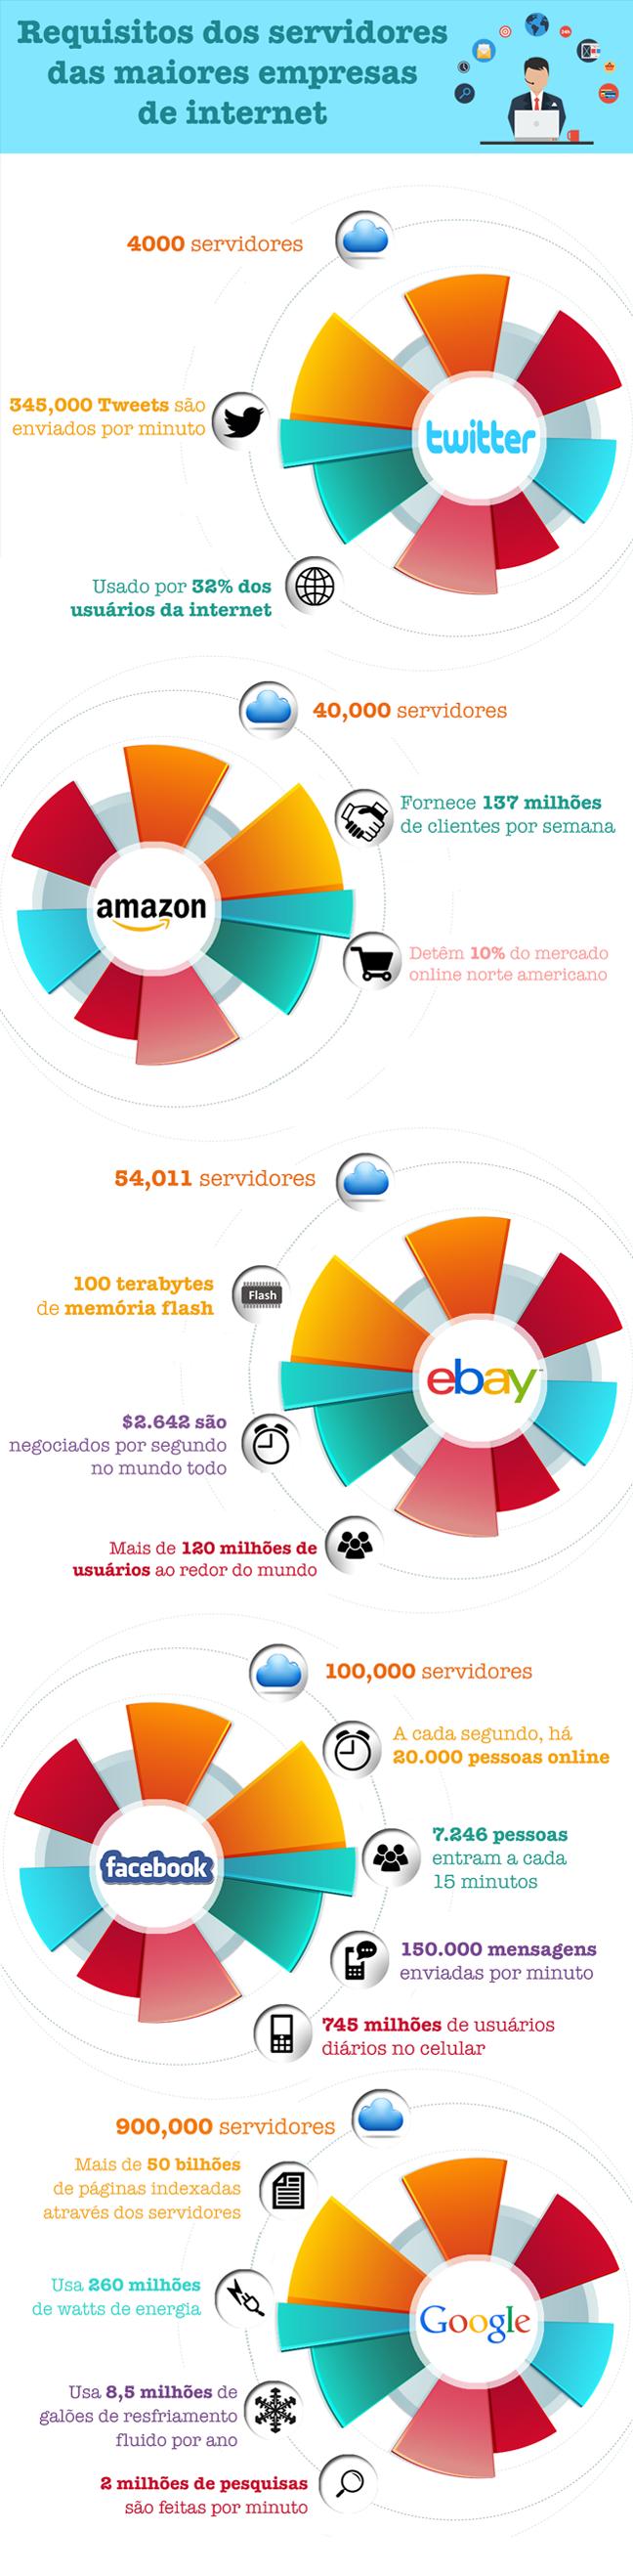 O que as maiores empresas dainternet do mundo necessitam em termos de servidores Desvendando a Infraestrutura das Maiores Empresas da Internet